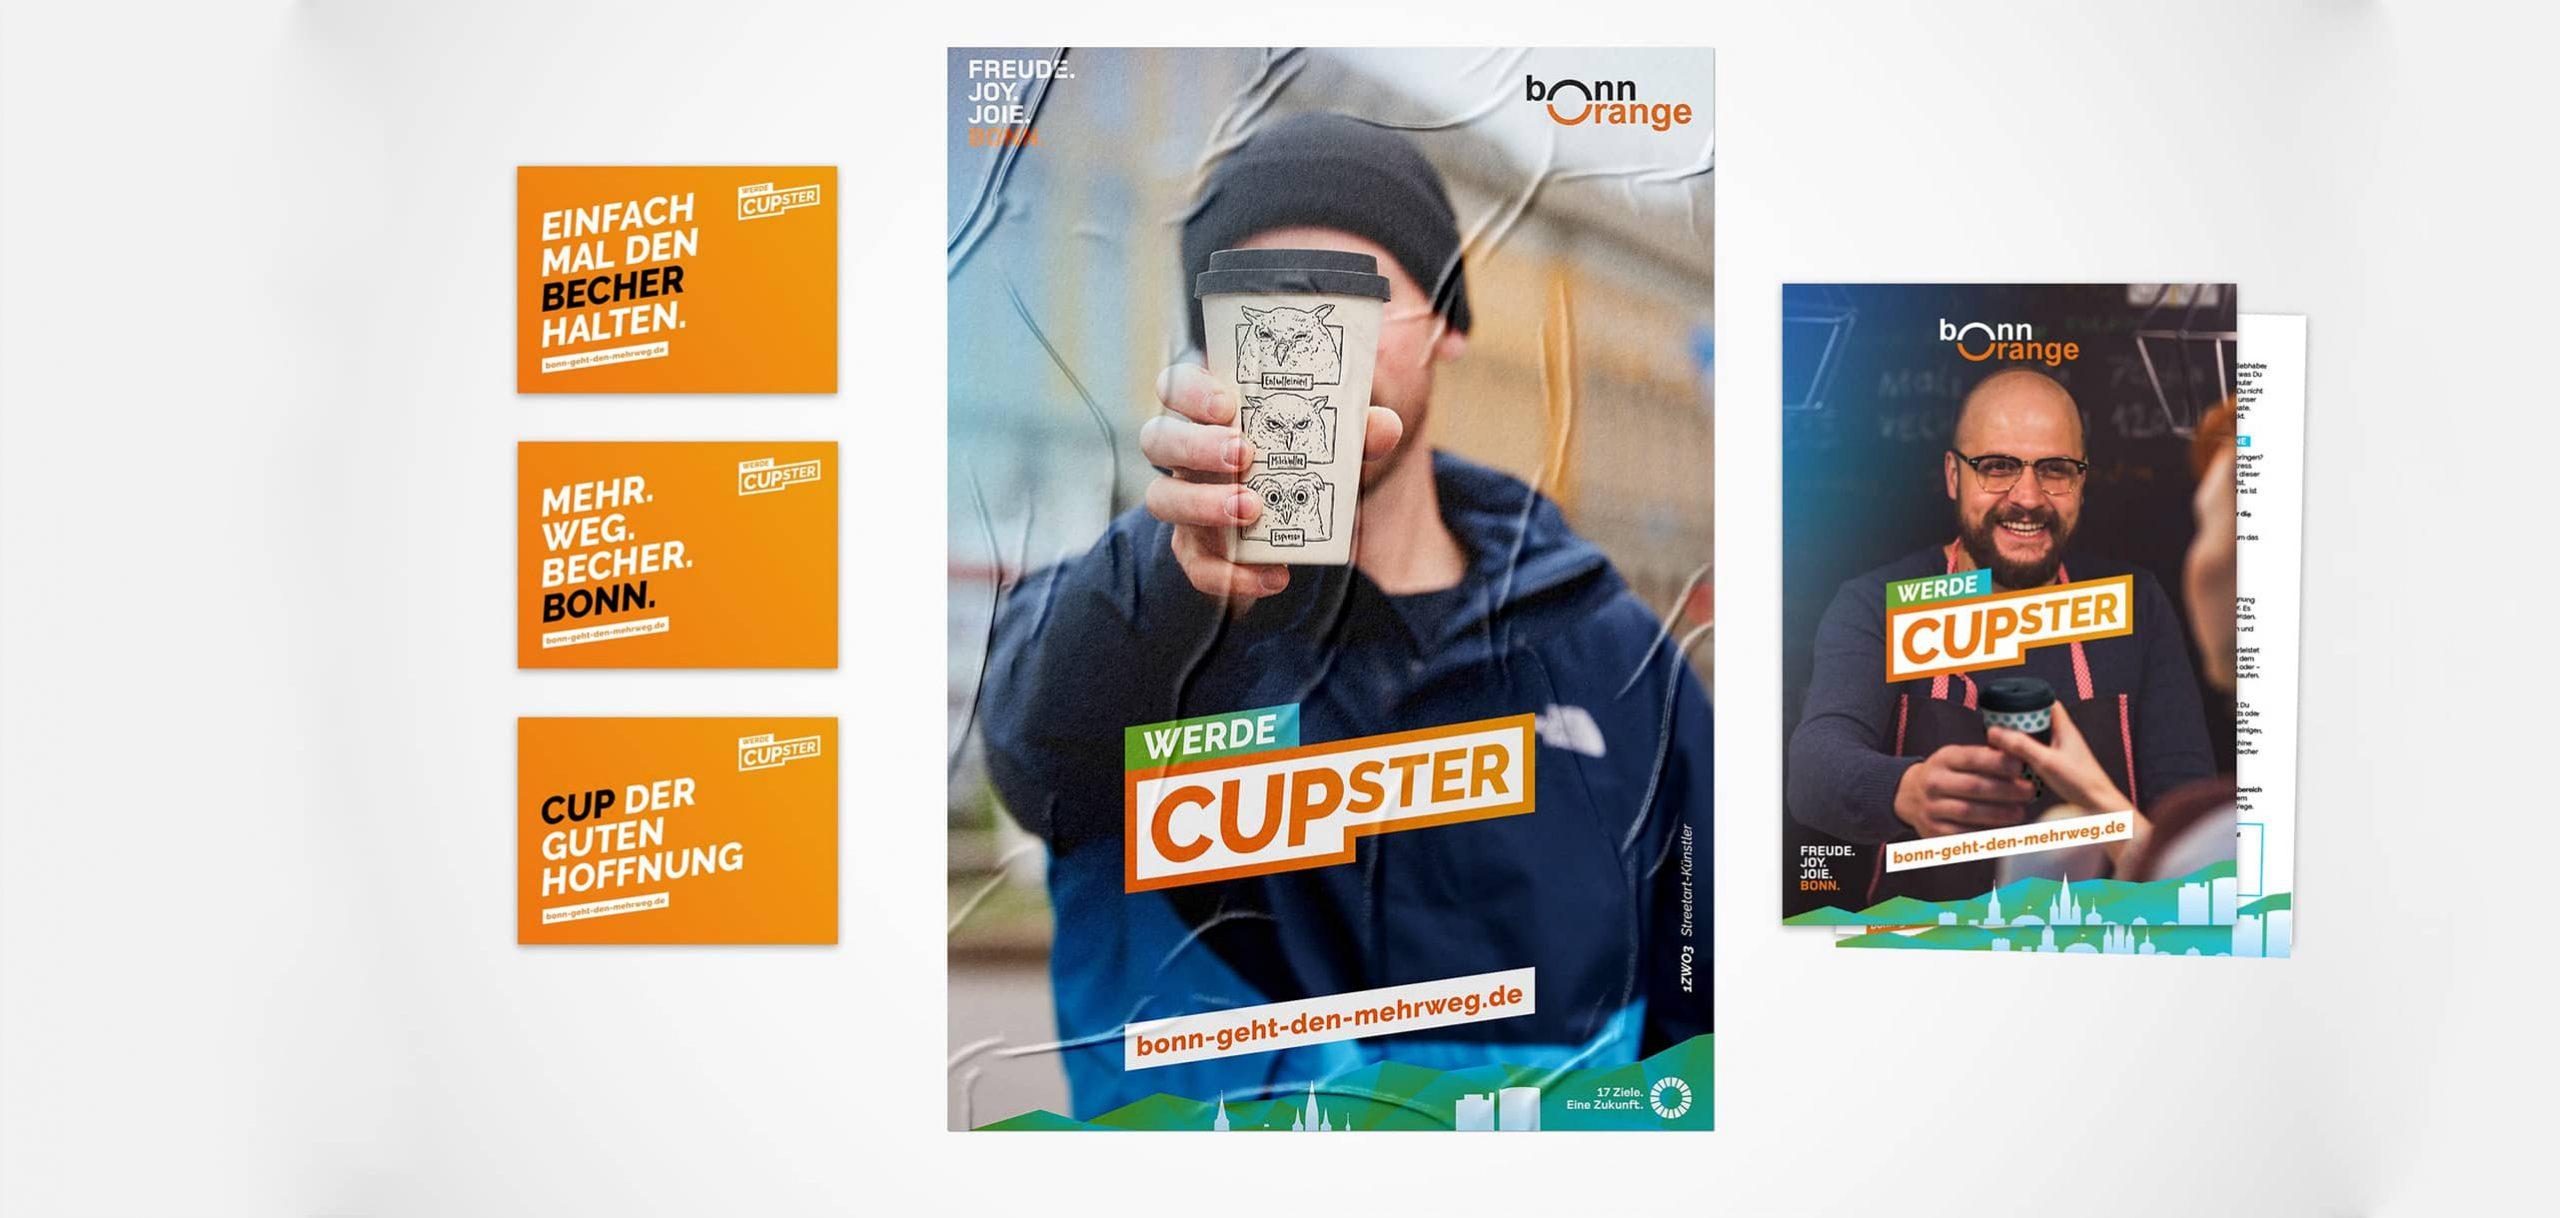 Cupster_Corporate_Design